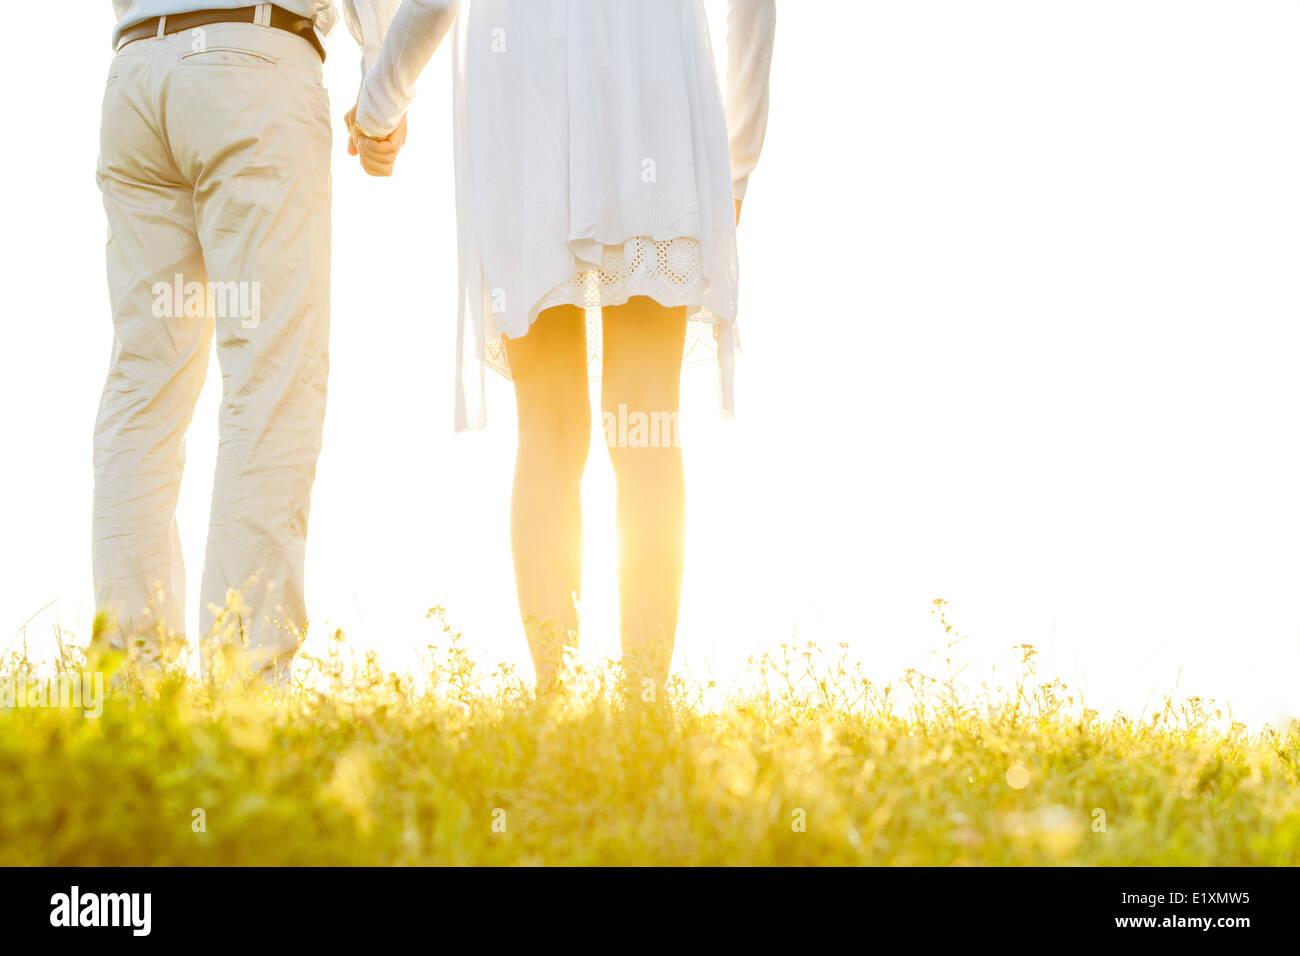 Vue arrière de l'abdomen couple holding hands on grass against sky Photo Stock